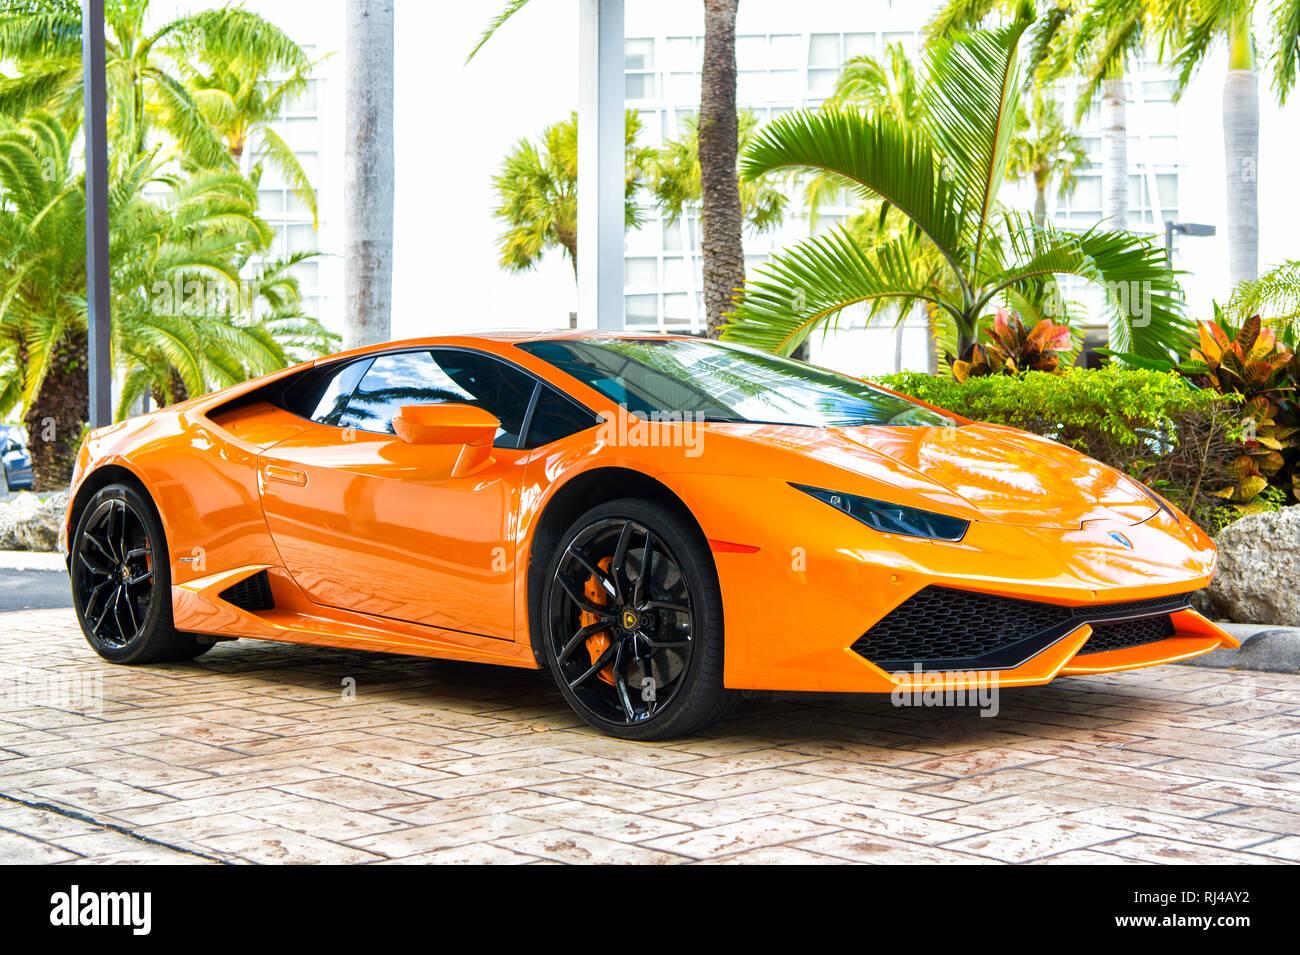 Miami Florida Usa February 19 2016 Supercar Lamborghini